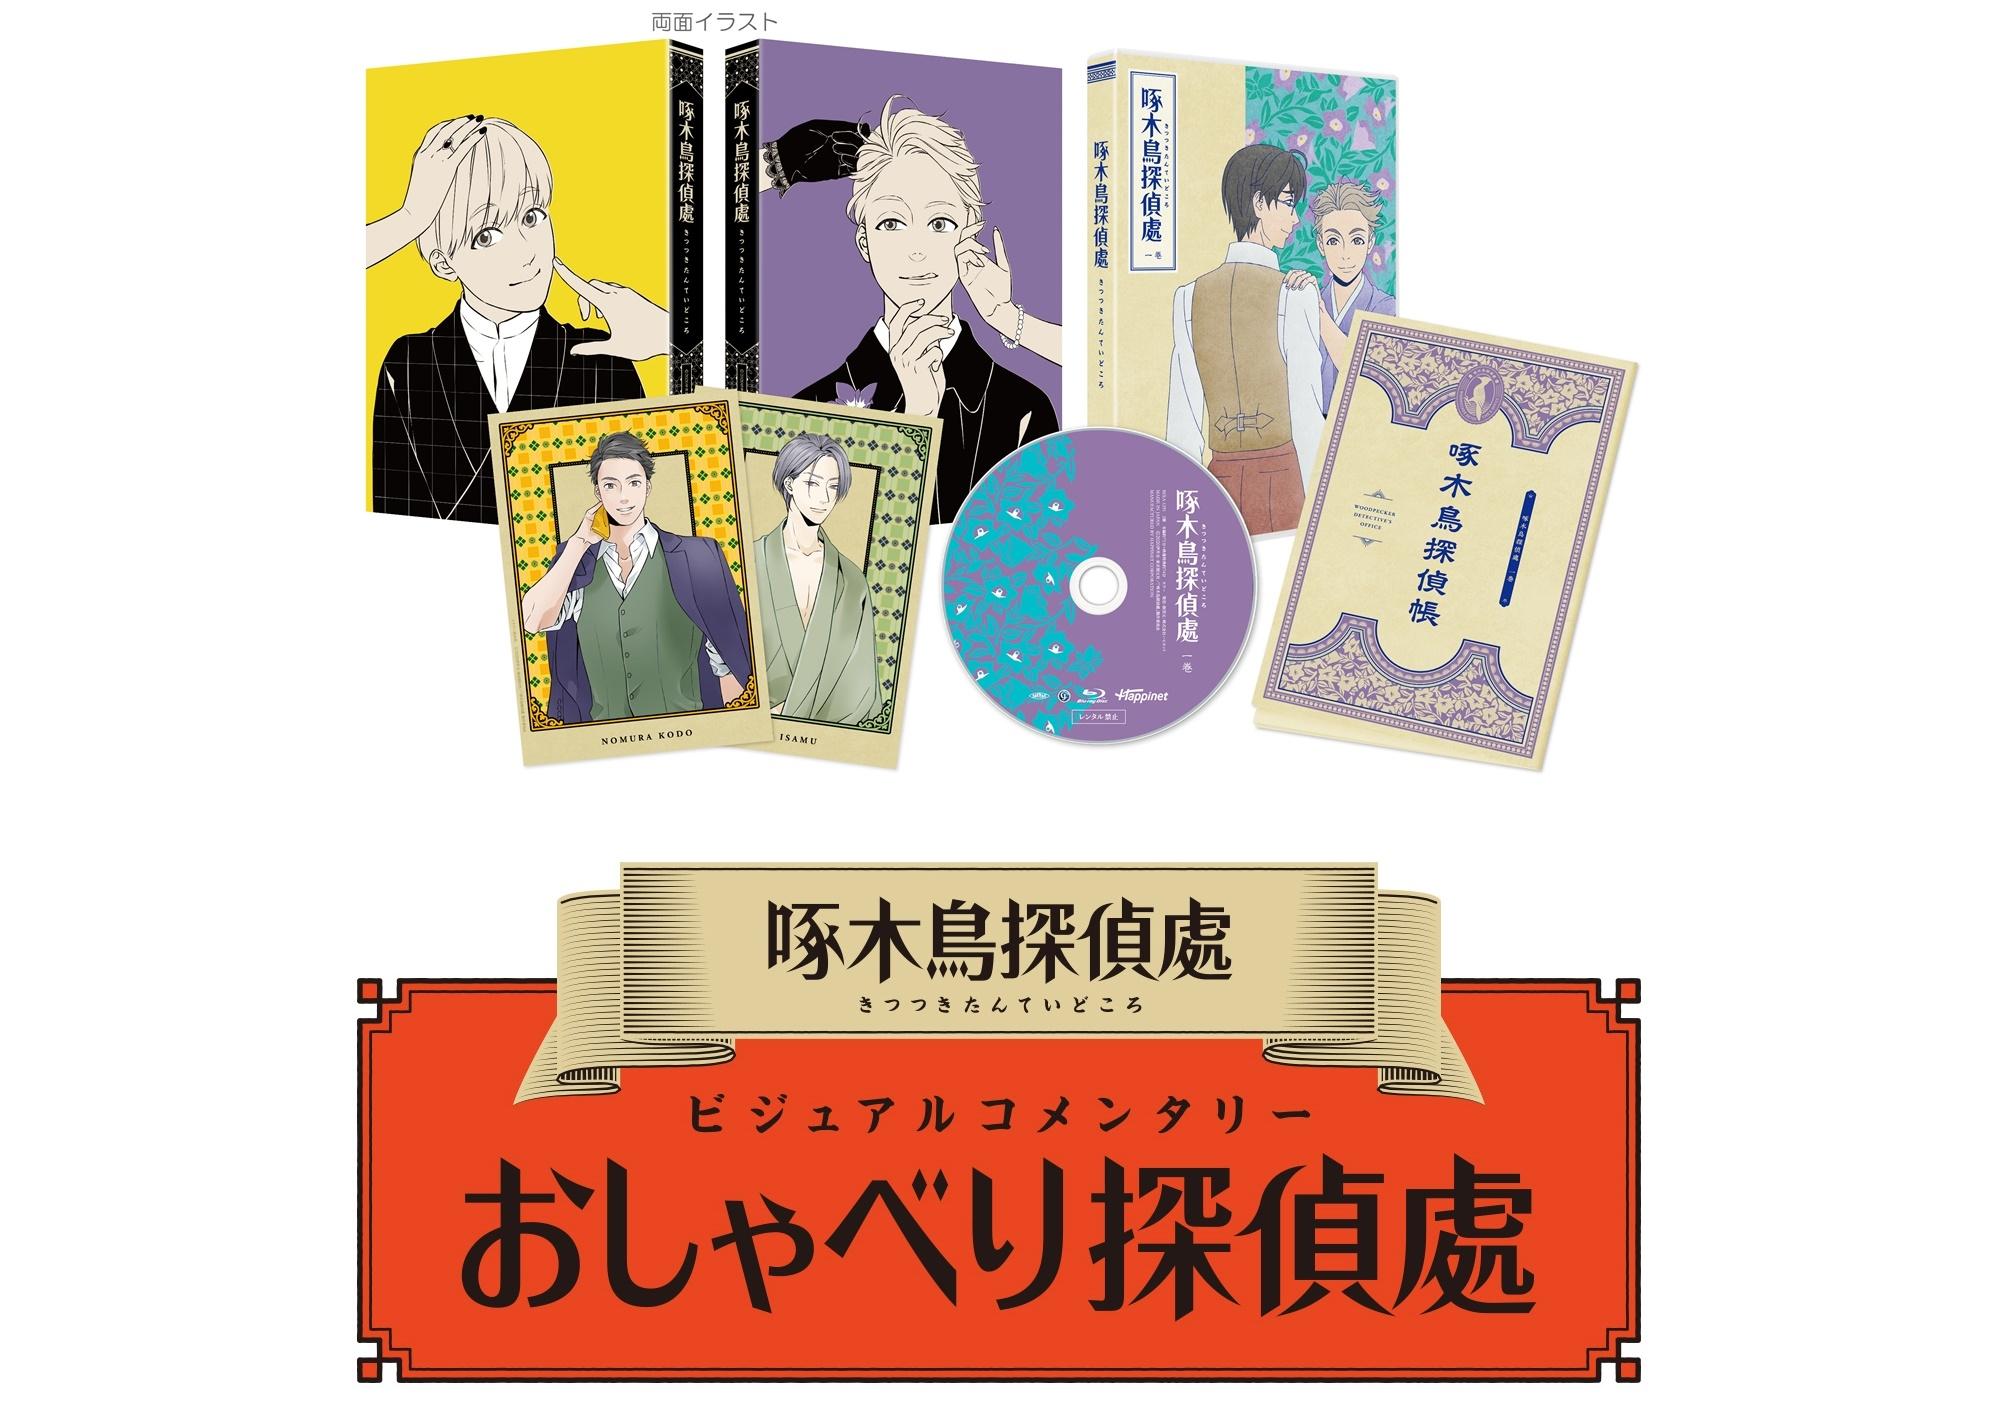 春アニメ『啄木鳥探偵處』BD&DVD「おしゃべり探偵處」特典収録決定